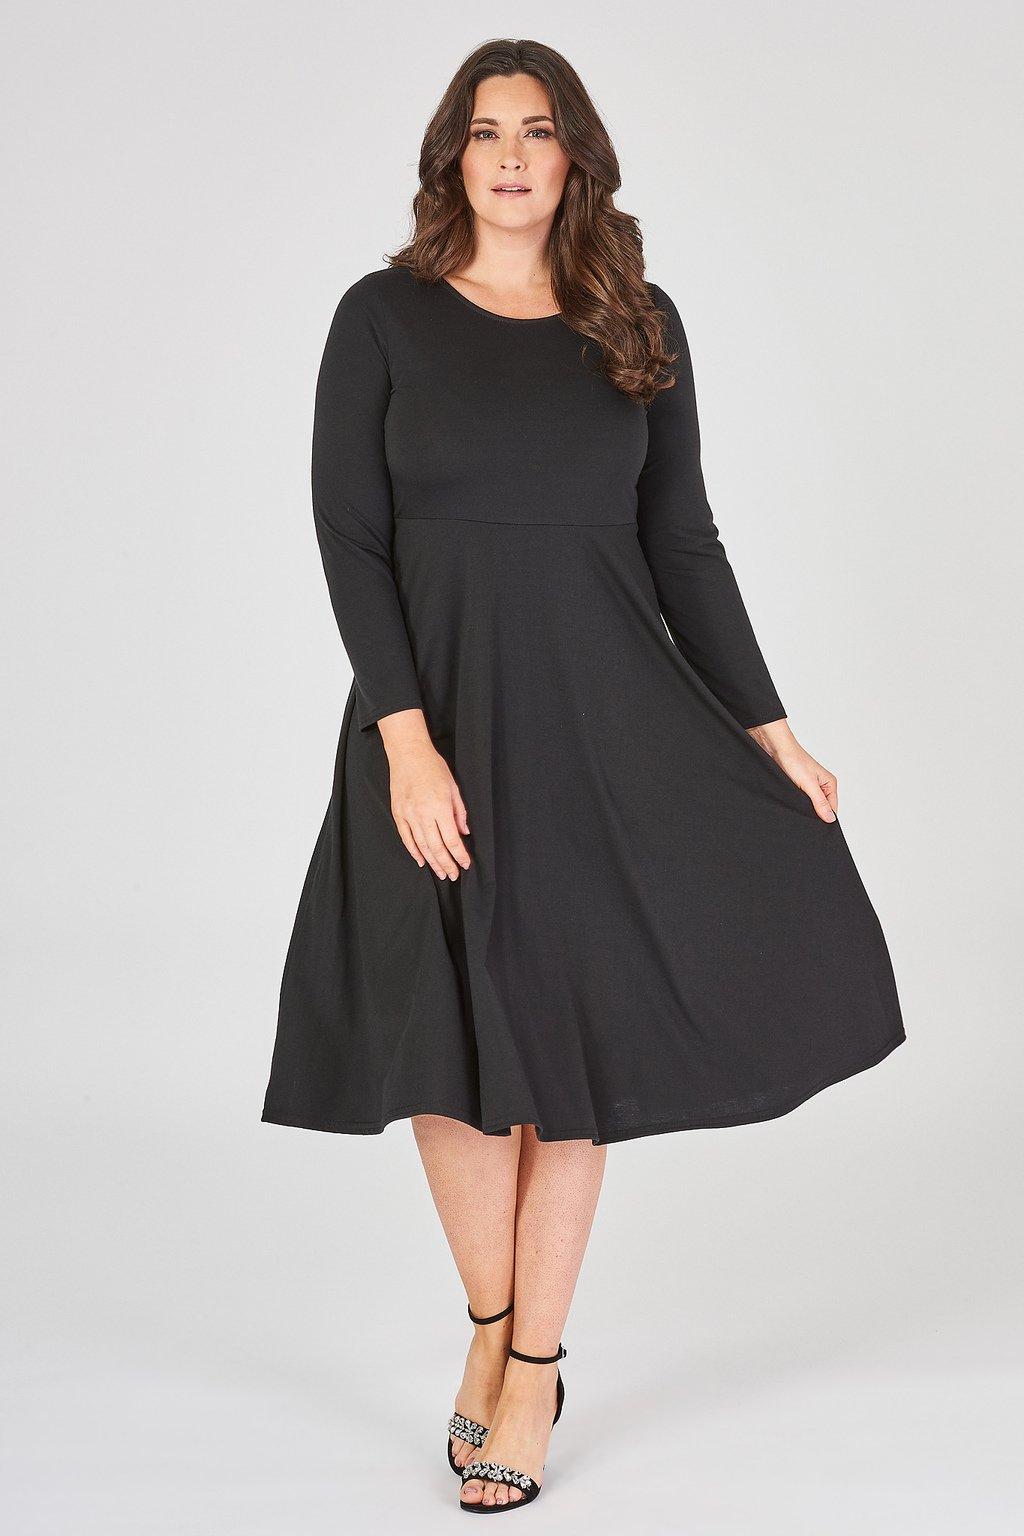 bced06746e3 Bellazu - Krásná móda pro baculky. Obchod s krásným oblečením i v  nadměrných velikostech